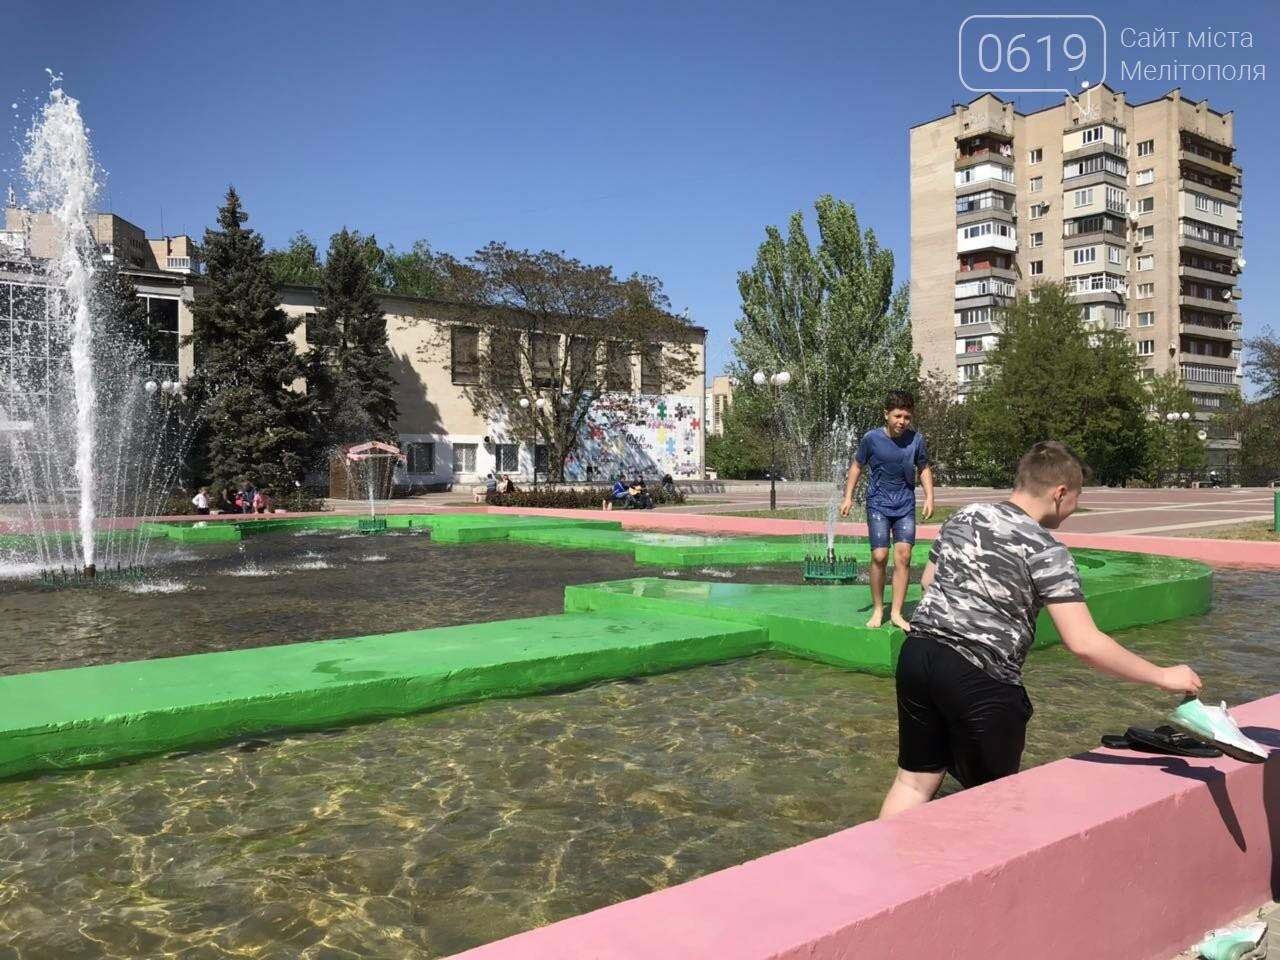 Мелитопольцы продолжают плавать в городском фонтане , фото-1, Фото сайта 0619